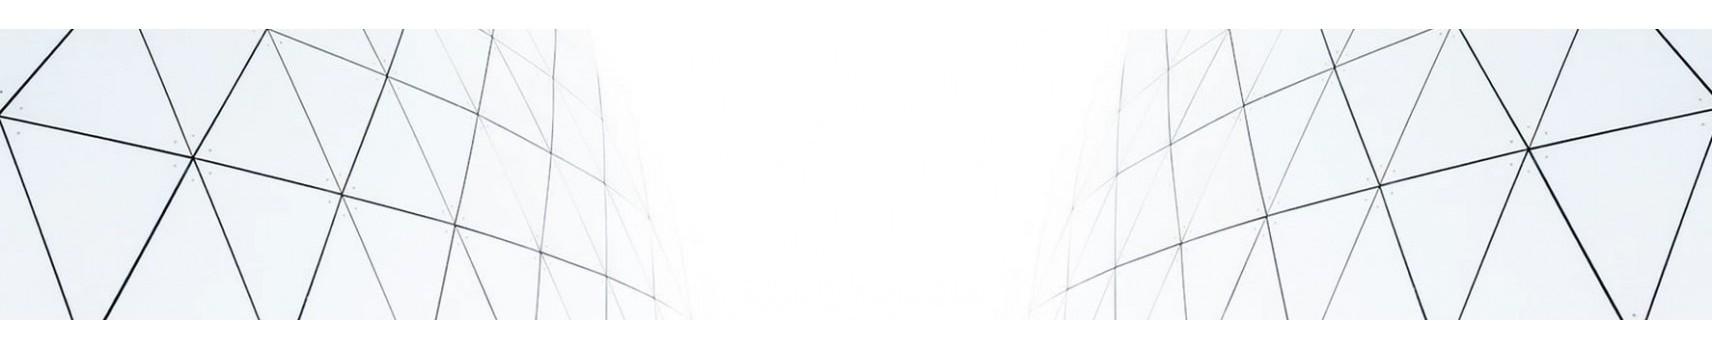 Salvaescaleras para Sillas de Ruedas | Envío Gratis